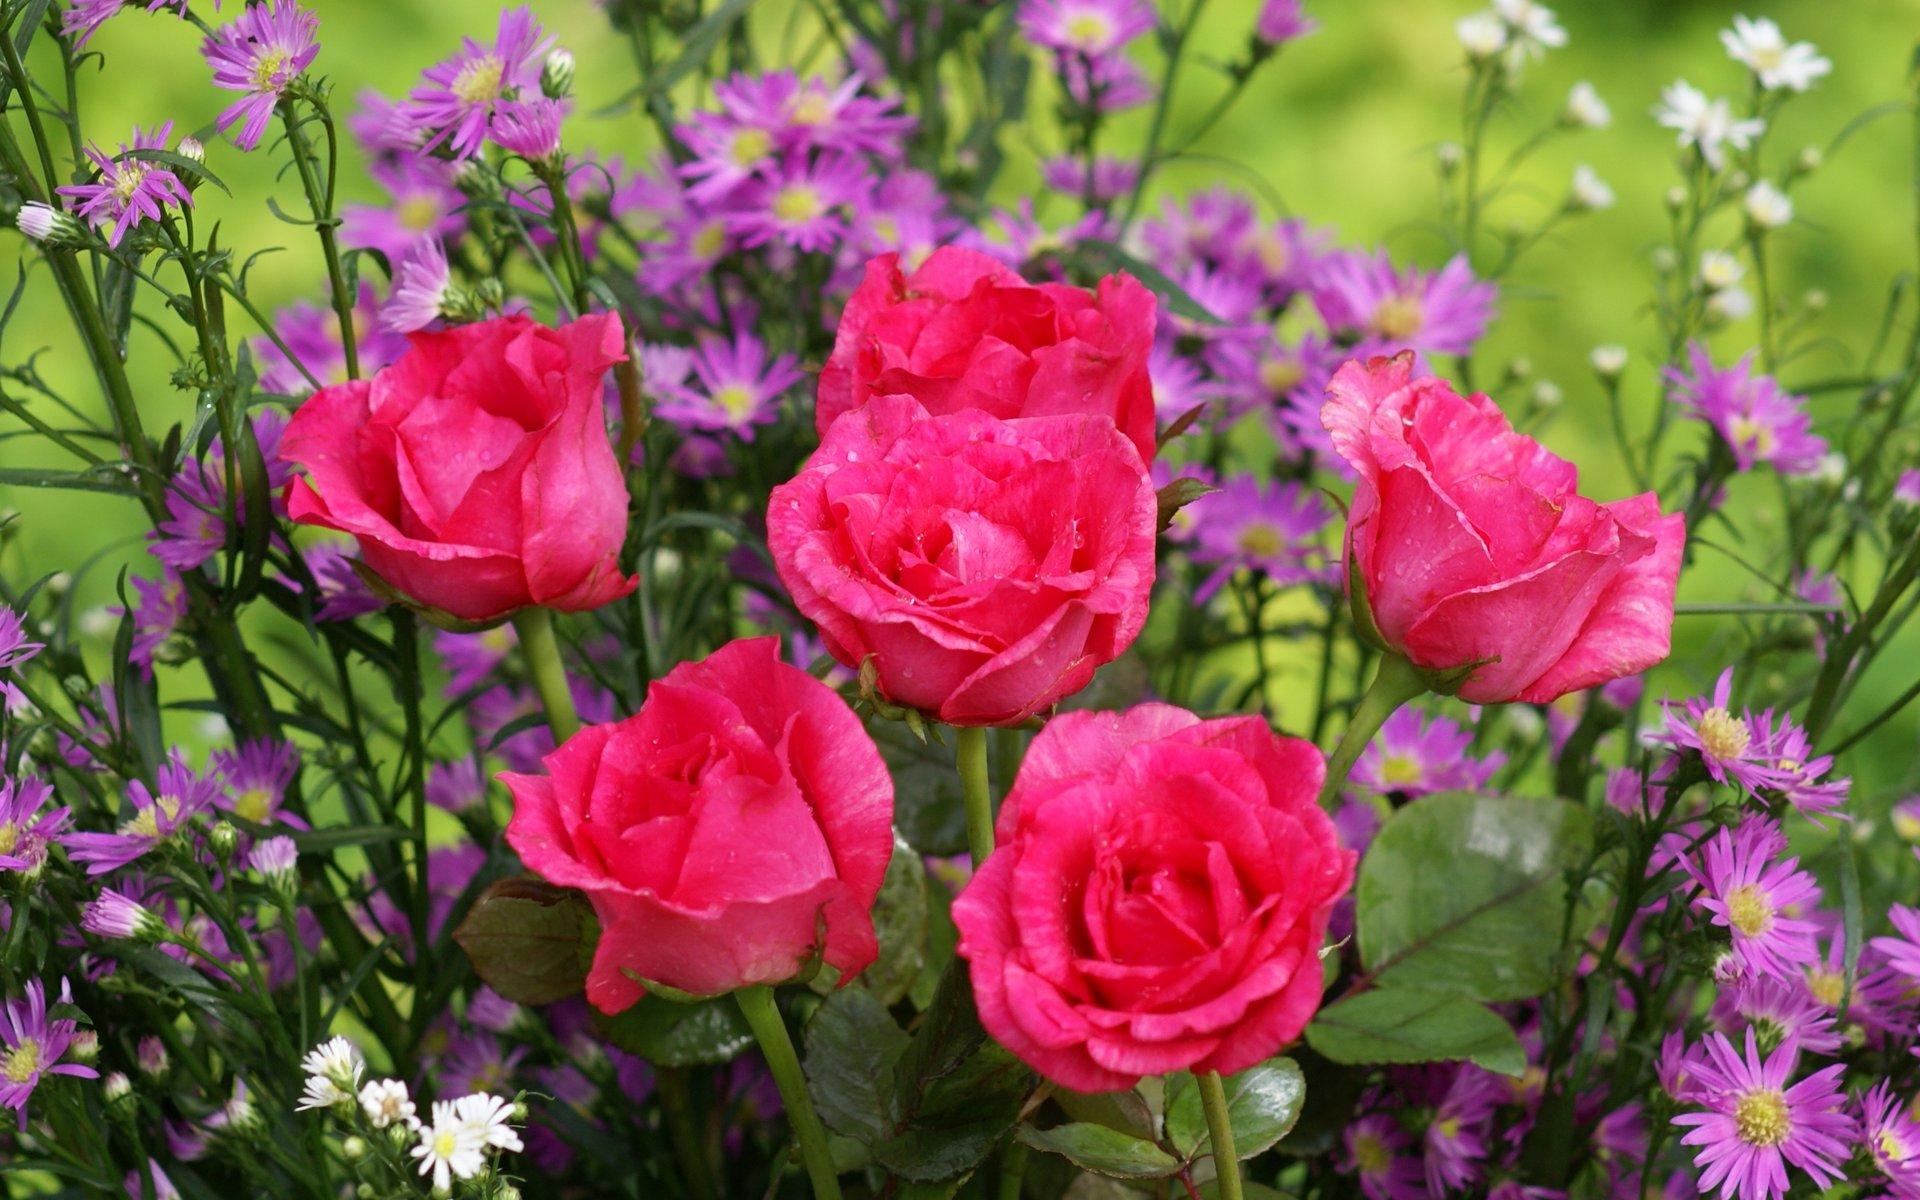 گلهای رز بسیار زیبا تقدیم به همه بینندگان ایران ناز